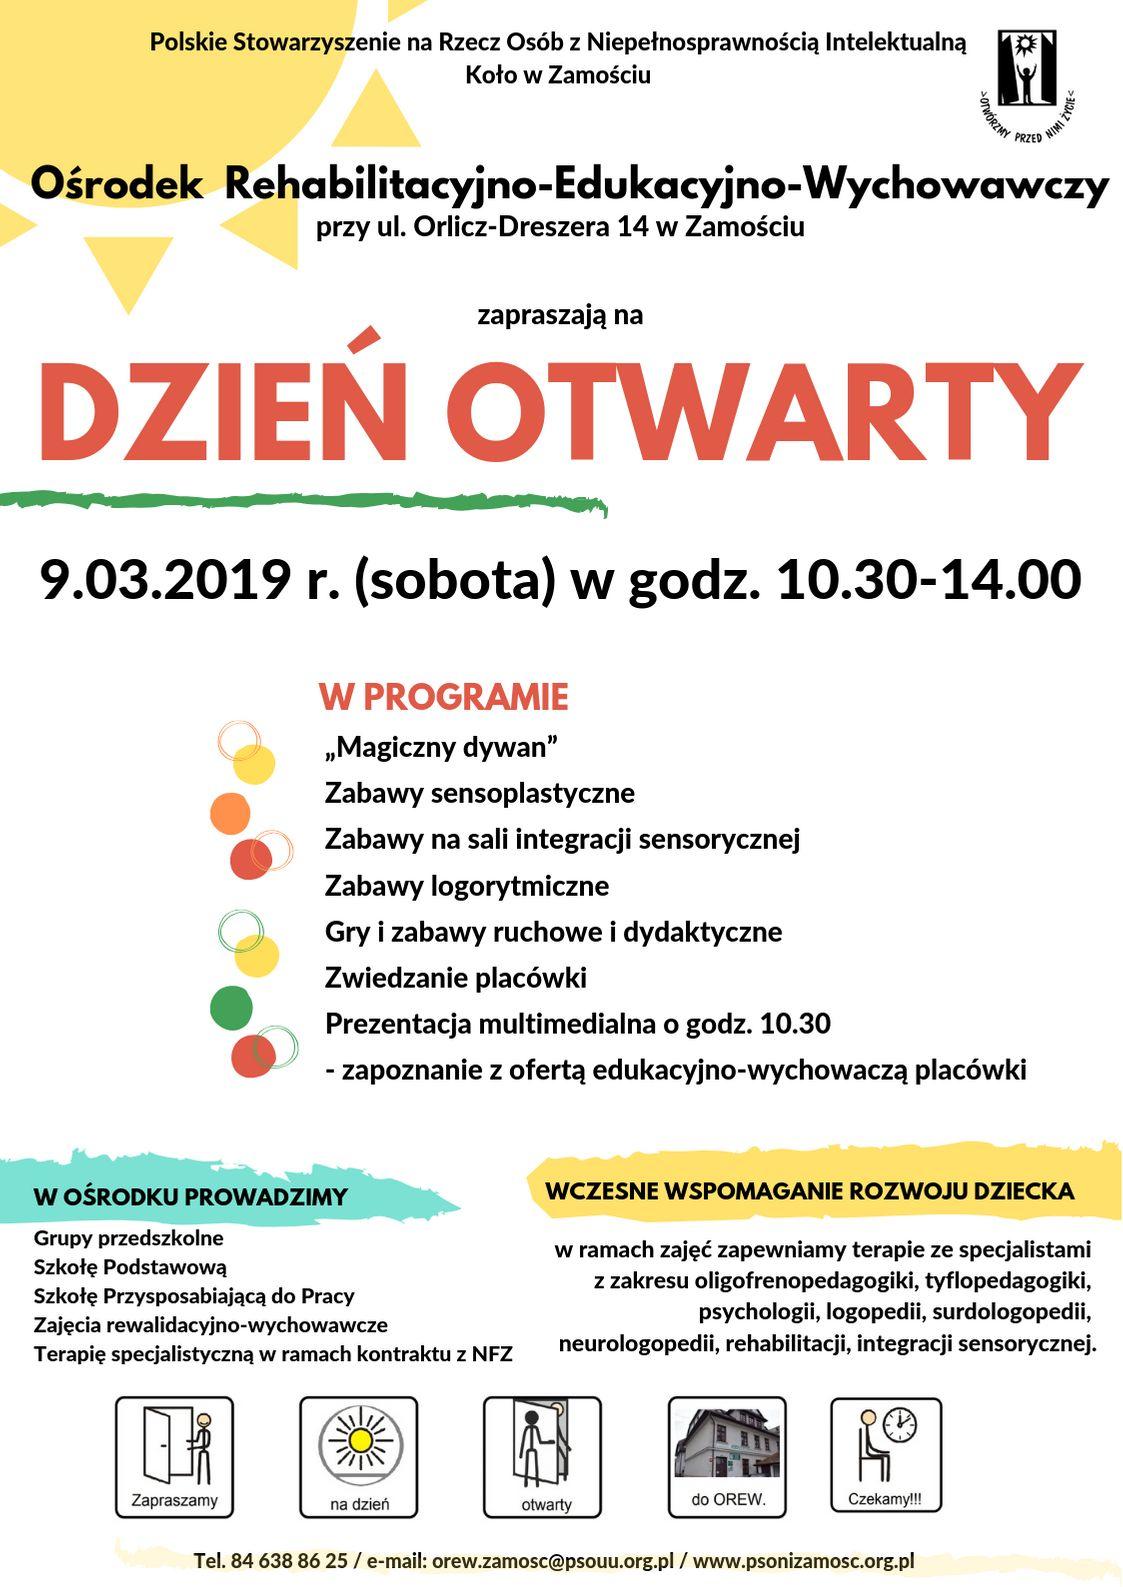 orew dzien otwarty plakat Dzień Otwarty Ośrodka Rehabilitacyjno-Edukacyjno- Wychowawczego w Zamościu